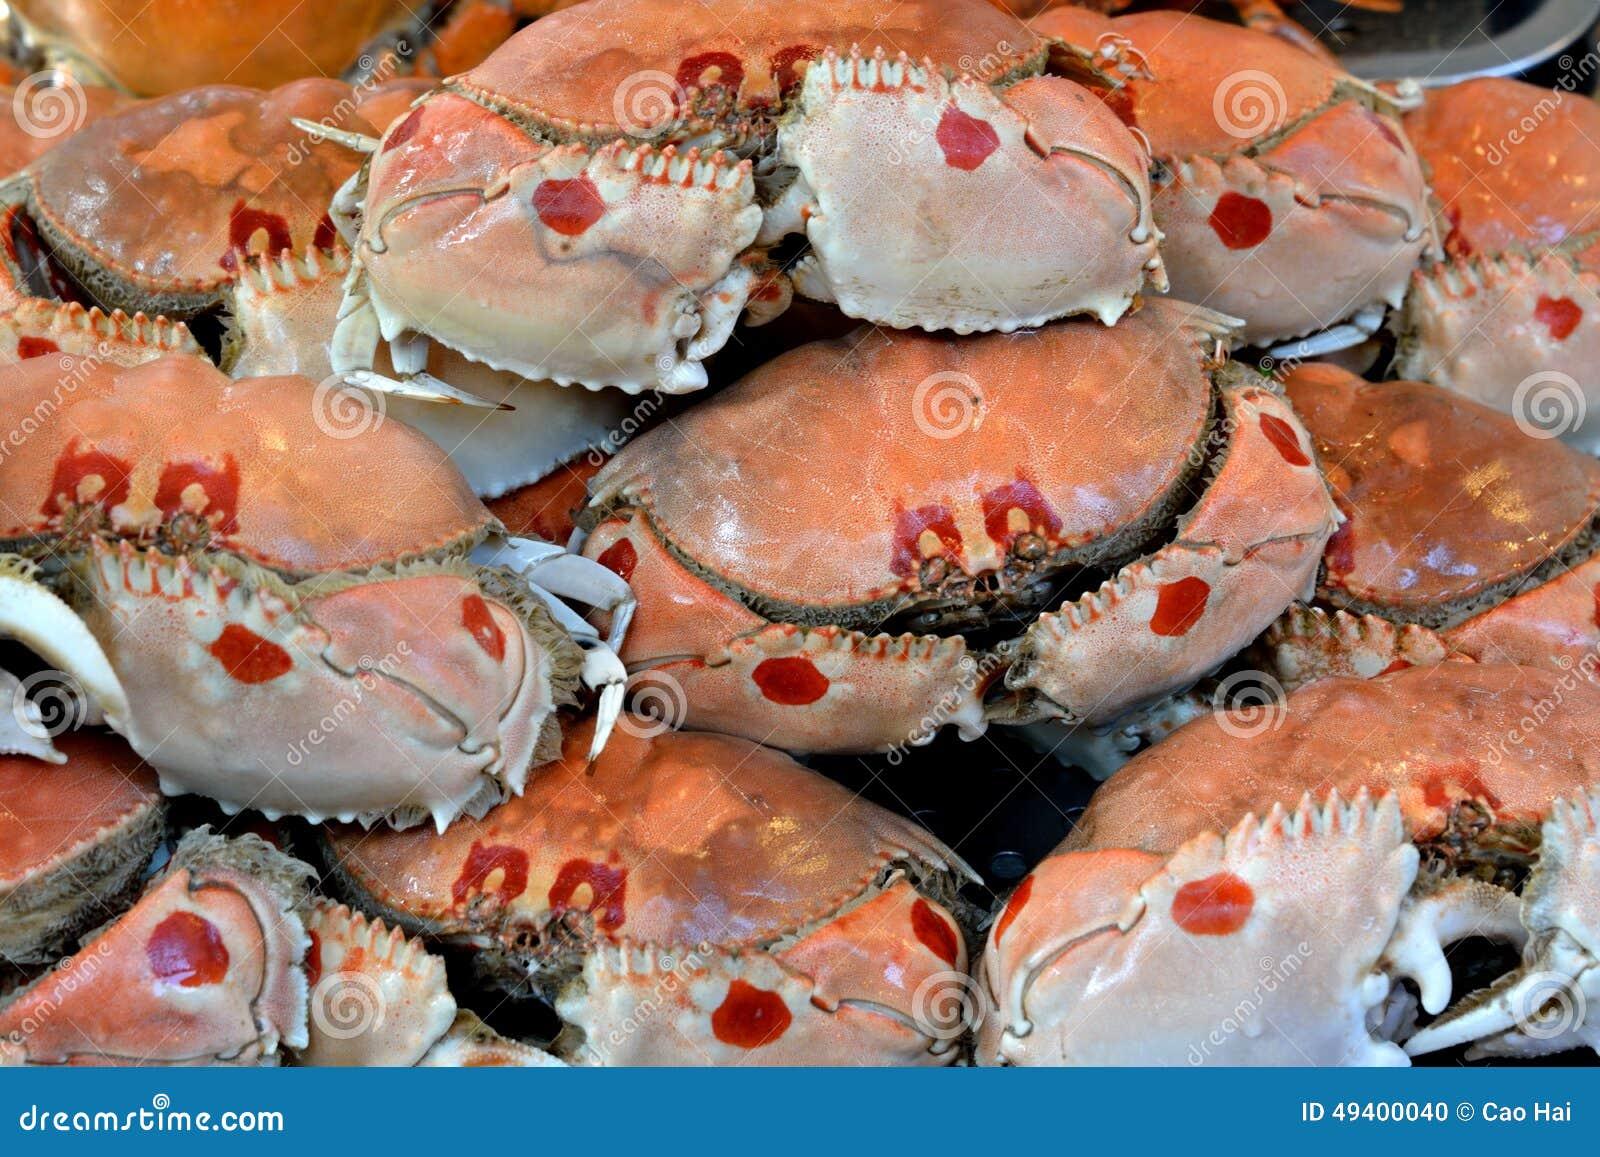 Download Krabben in rohem stockfoto. Bild von gekennzeichnet, cuisine - 49400040